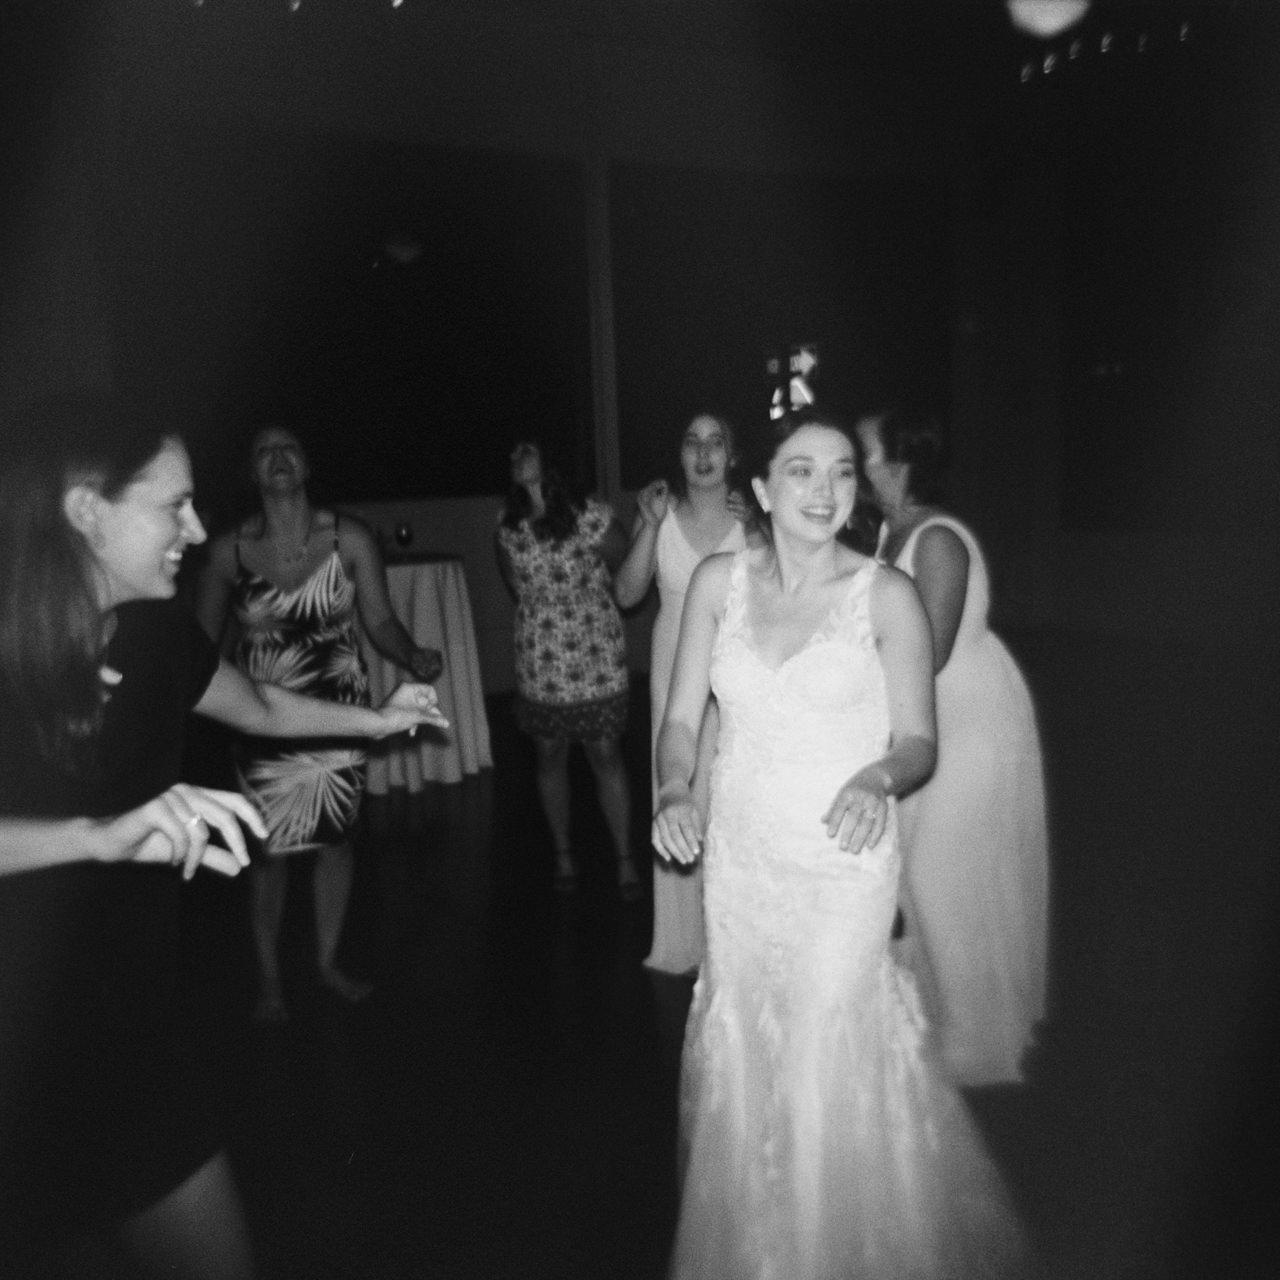 castaway-portland-oregon-wedding-095.jpg